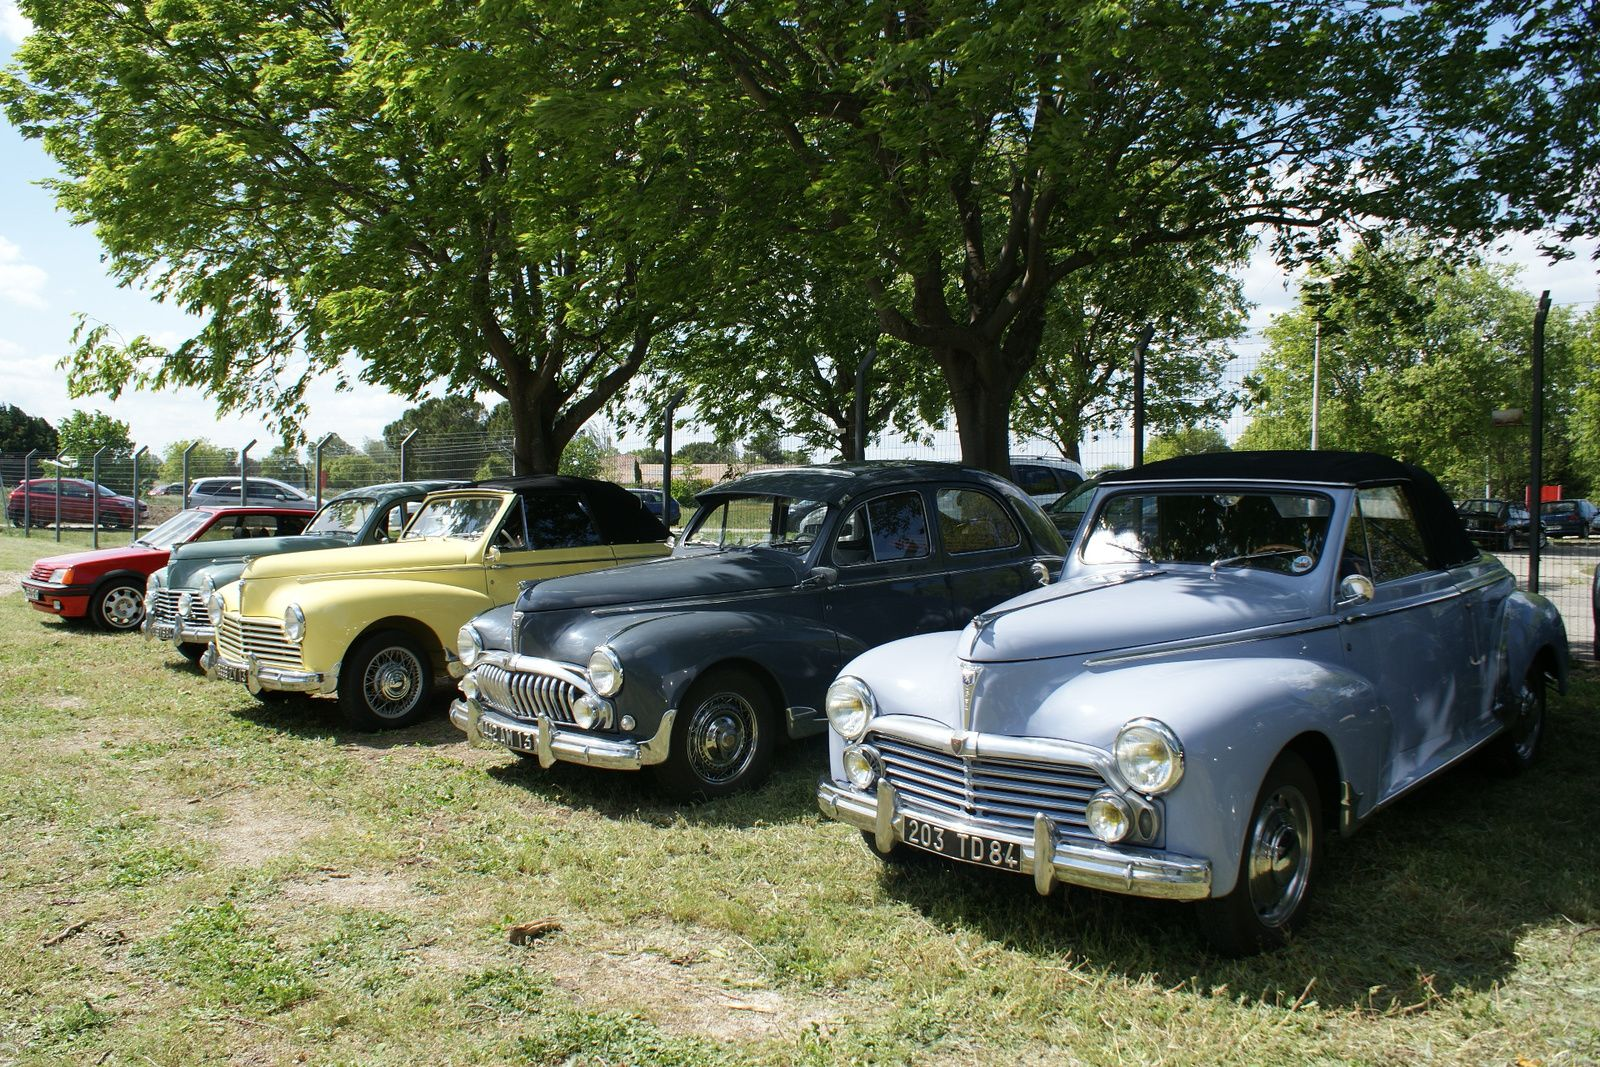 RECHERCHE pour un cabriolet PEUGEOT 203 de 1952  des pièces de tôlerie.